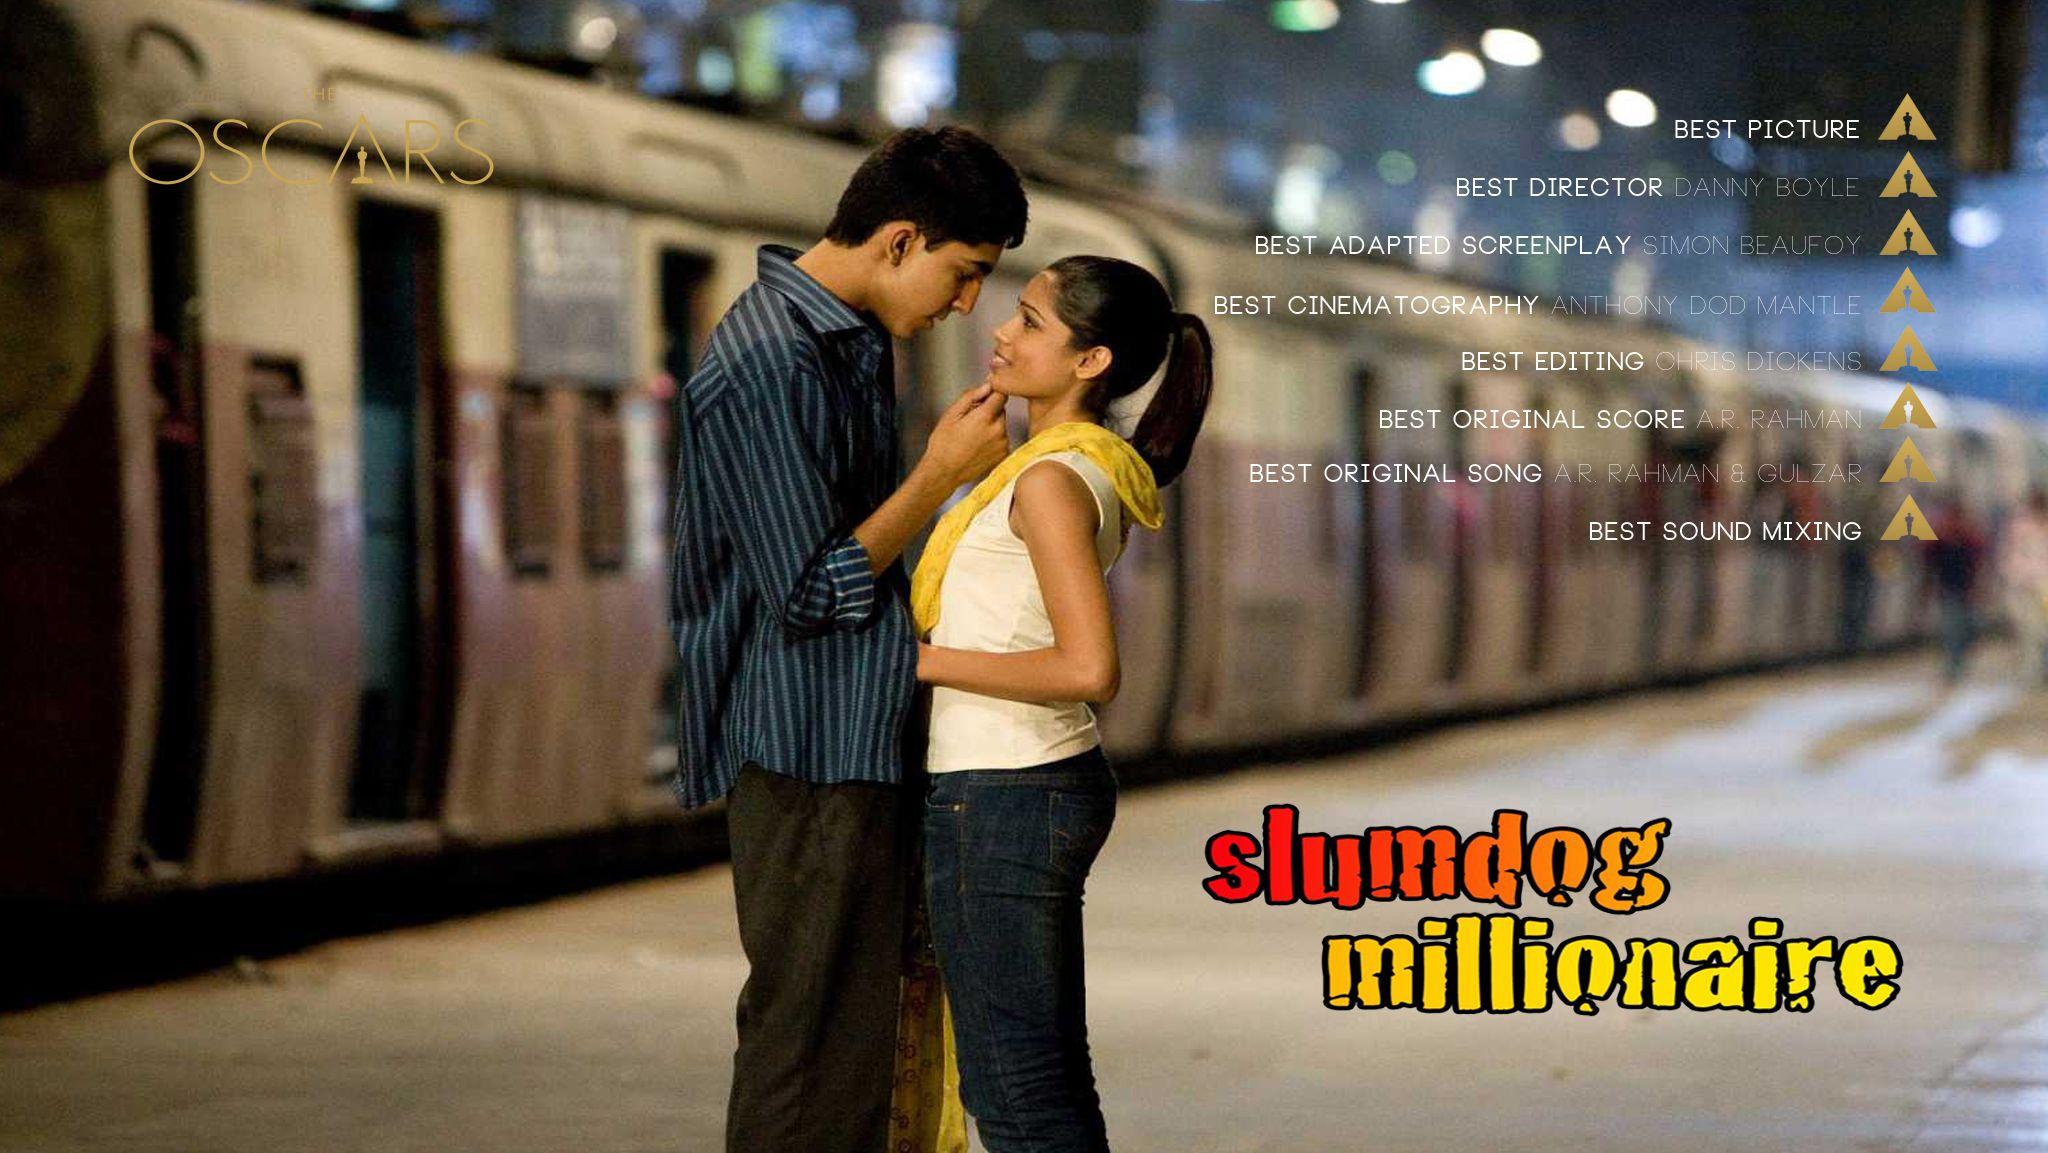 Fun Facts: Slumdog Millionaire